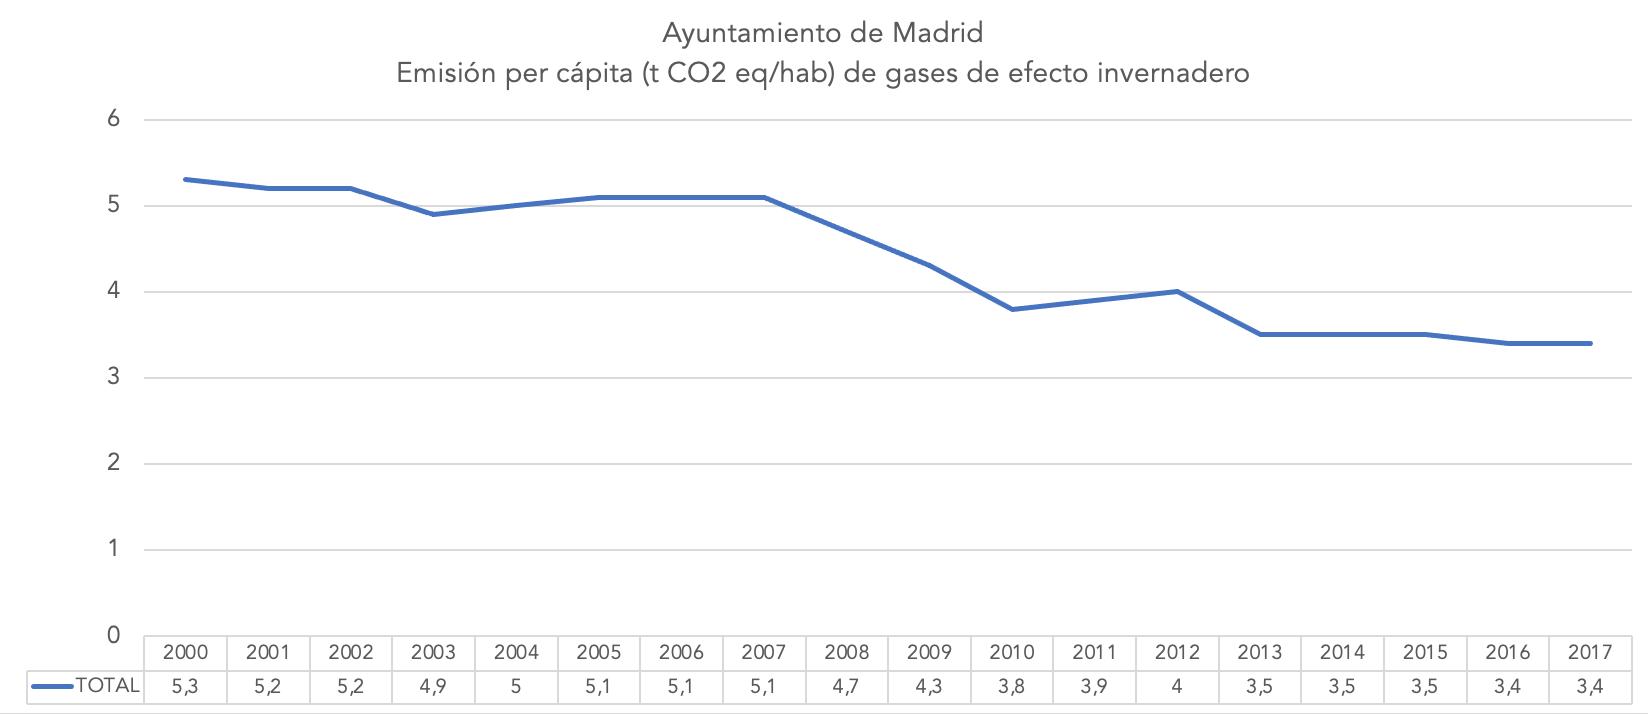 3-emisiones-per-capita-ayuntamiento-madrid-gases-efecto-invernadero.png